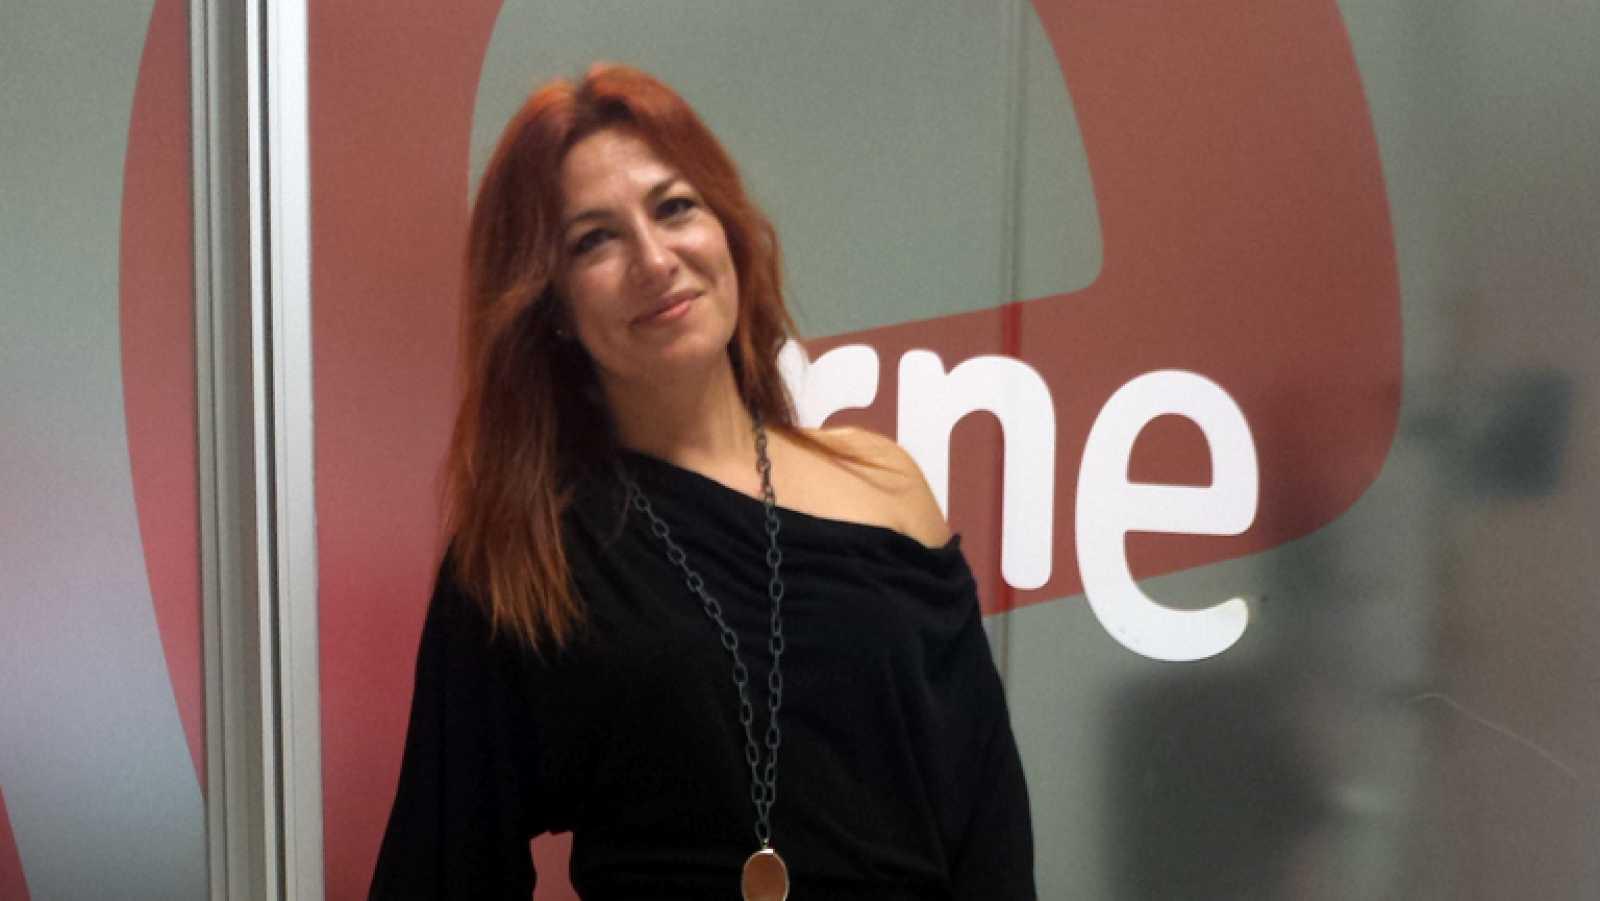 """Las mañanas de RNE - Pilar Jurado: """"'El diablo en el poder' es la evolución de la lírica hasta la zarzuela, de la que estoy muy orgullosa"""" - Escuchar ahora"""